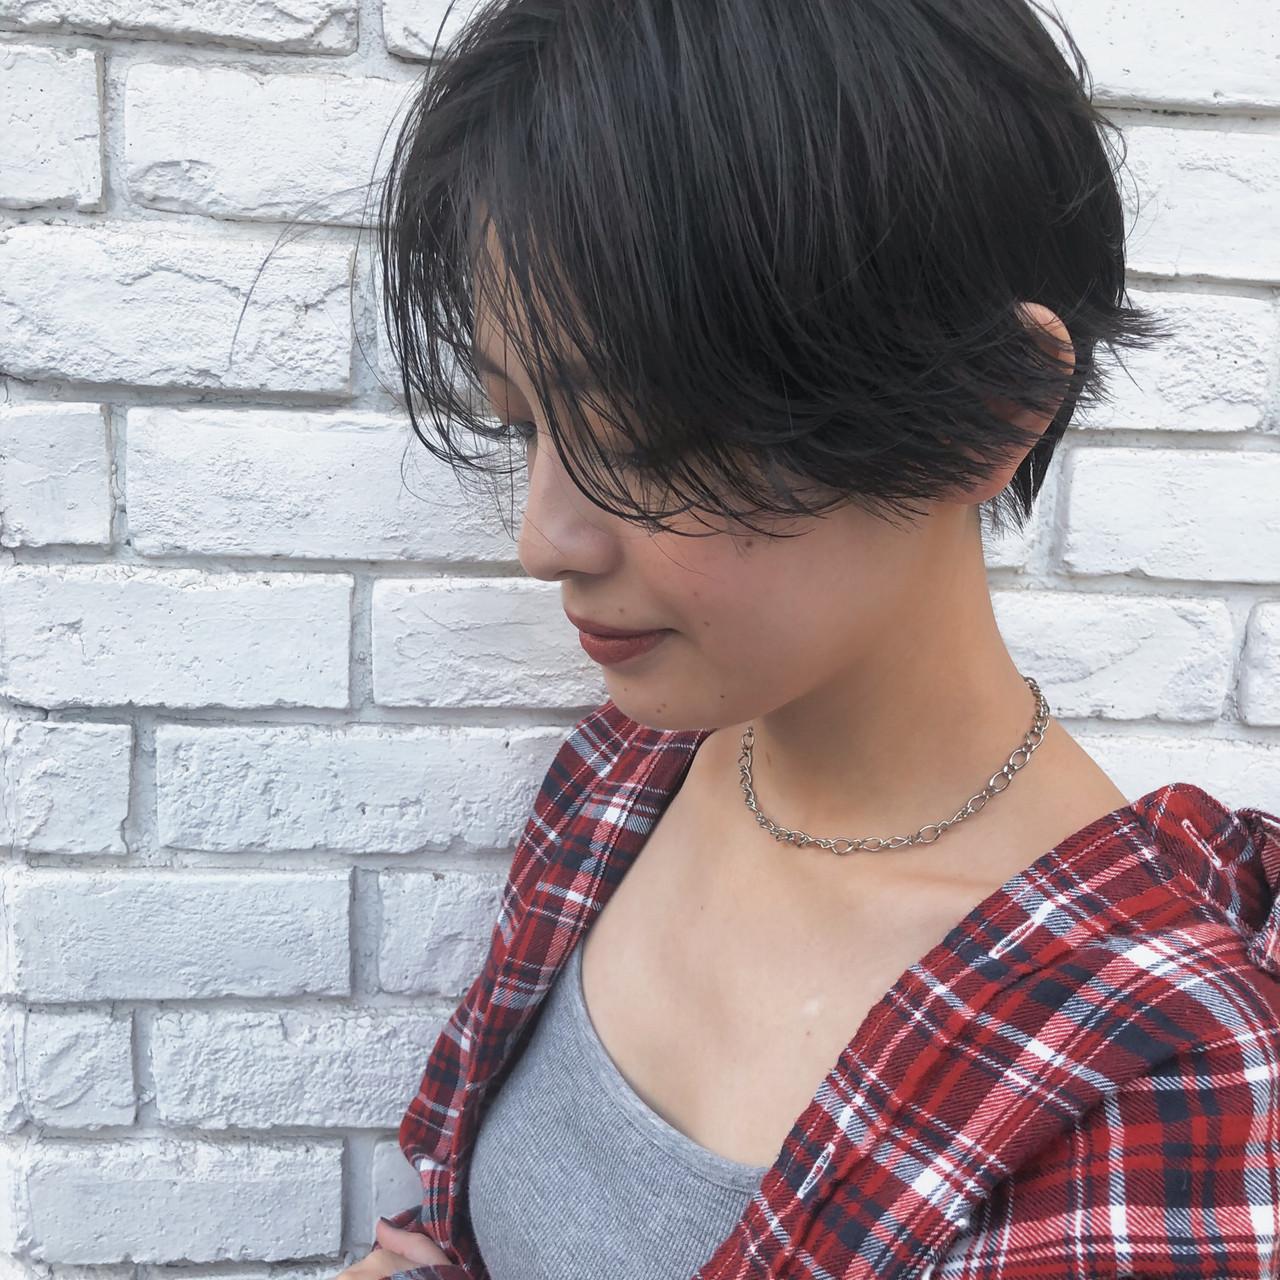 カジュアル ショートボブ ショート ハンサムショート ヘアスタイルや髪型の写真・画像